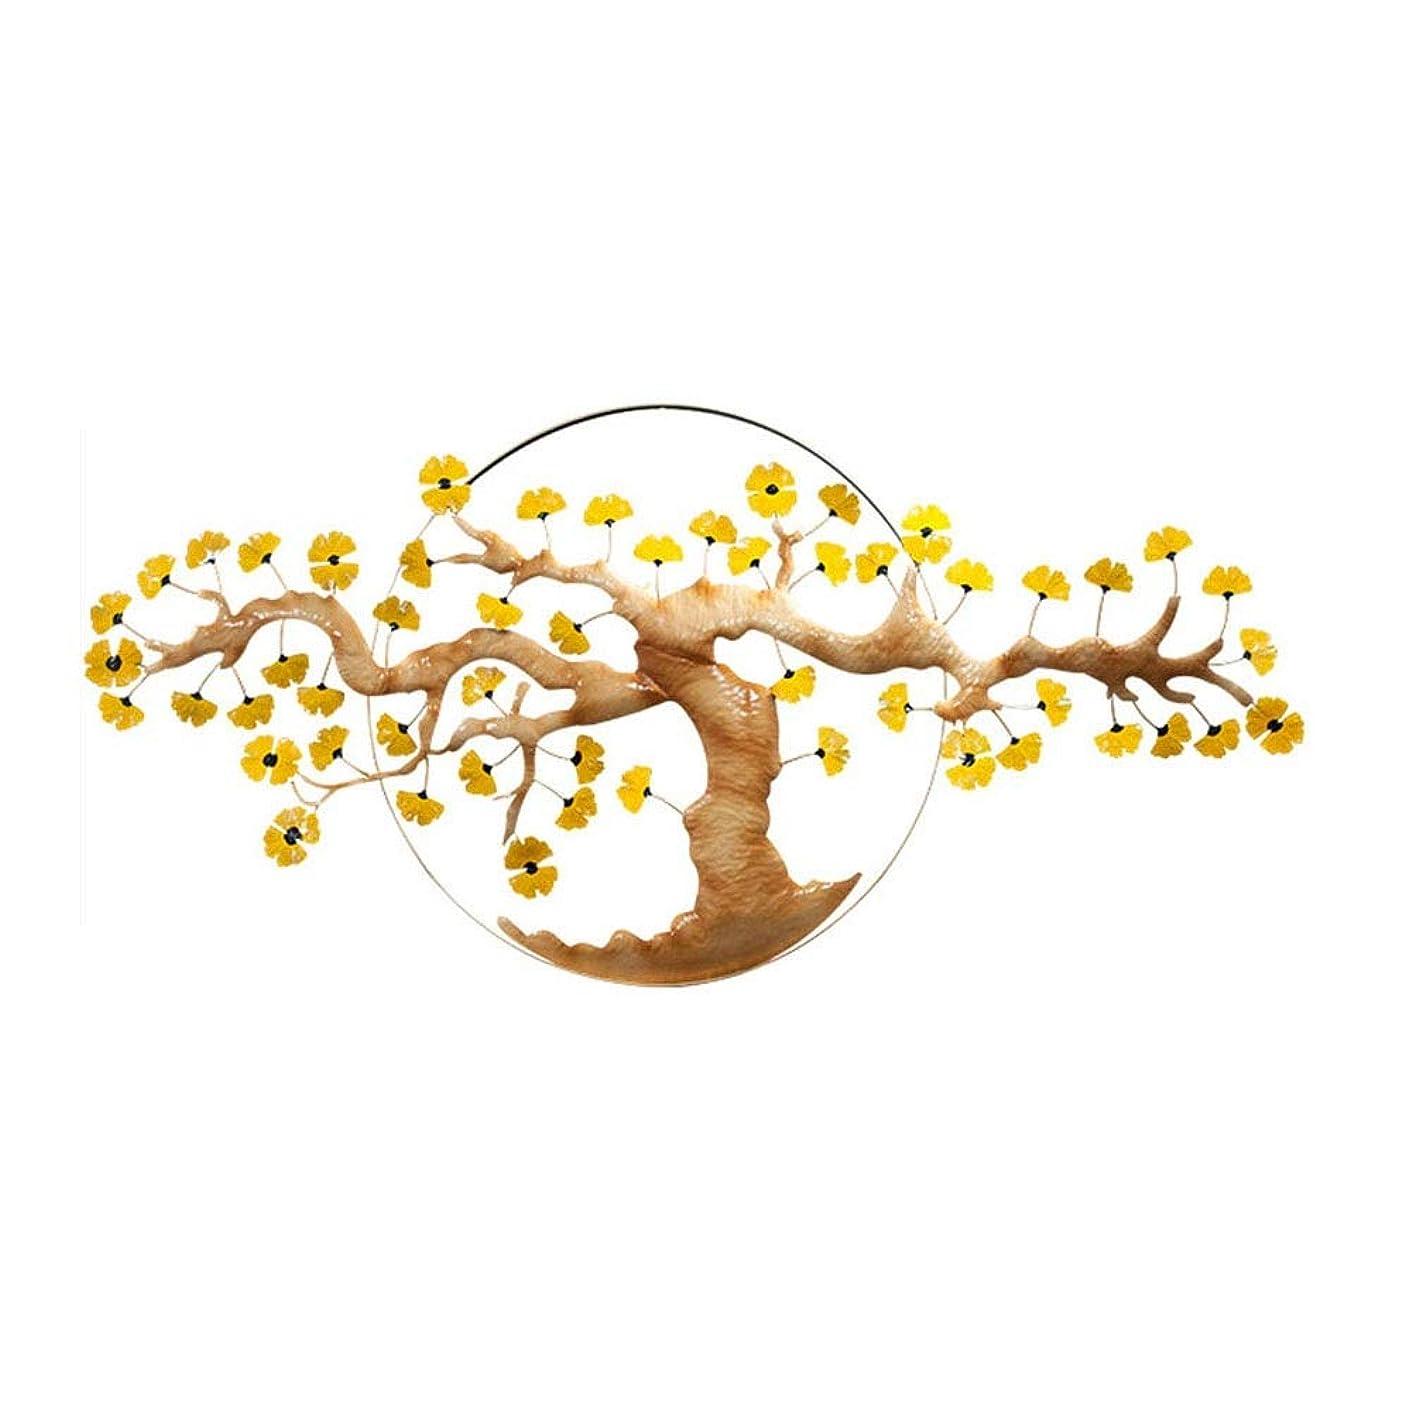 優れました色合い階下QINQIWDH 生活の木メタルウォールアート、屋内と屋外の庭の壁掛け彫刻53.7x25.7インチのための三次元鍛造アイアンイチョウの木の壁の装飾